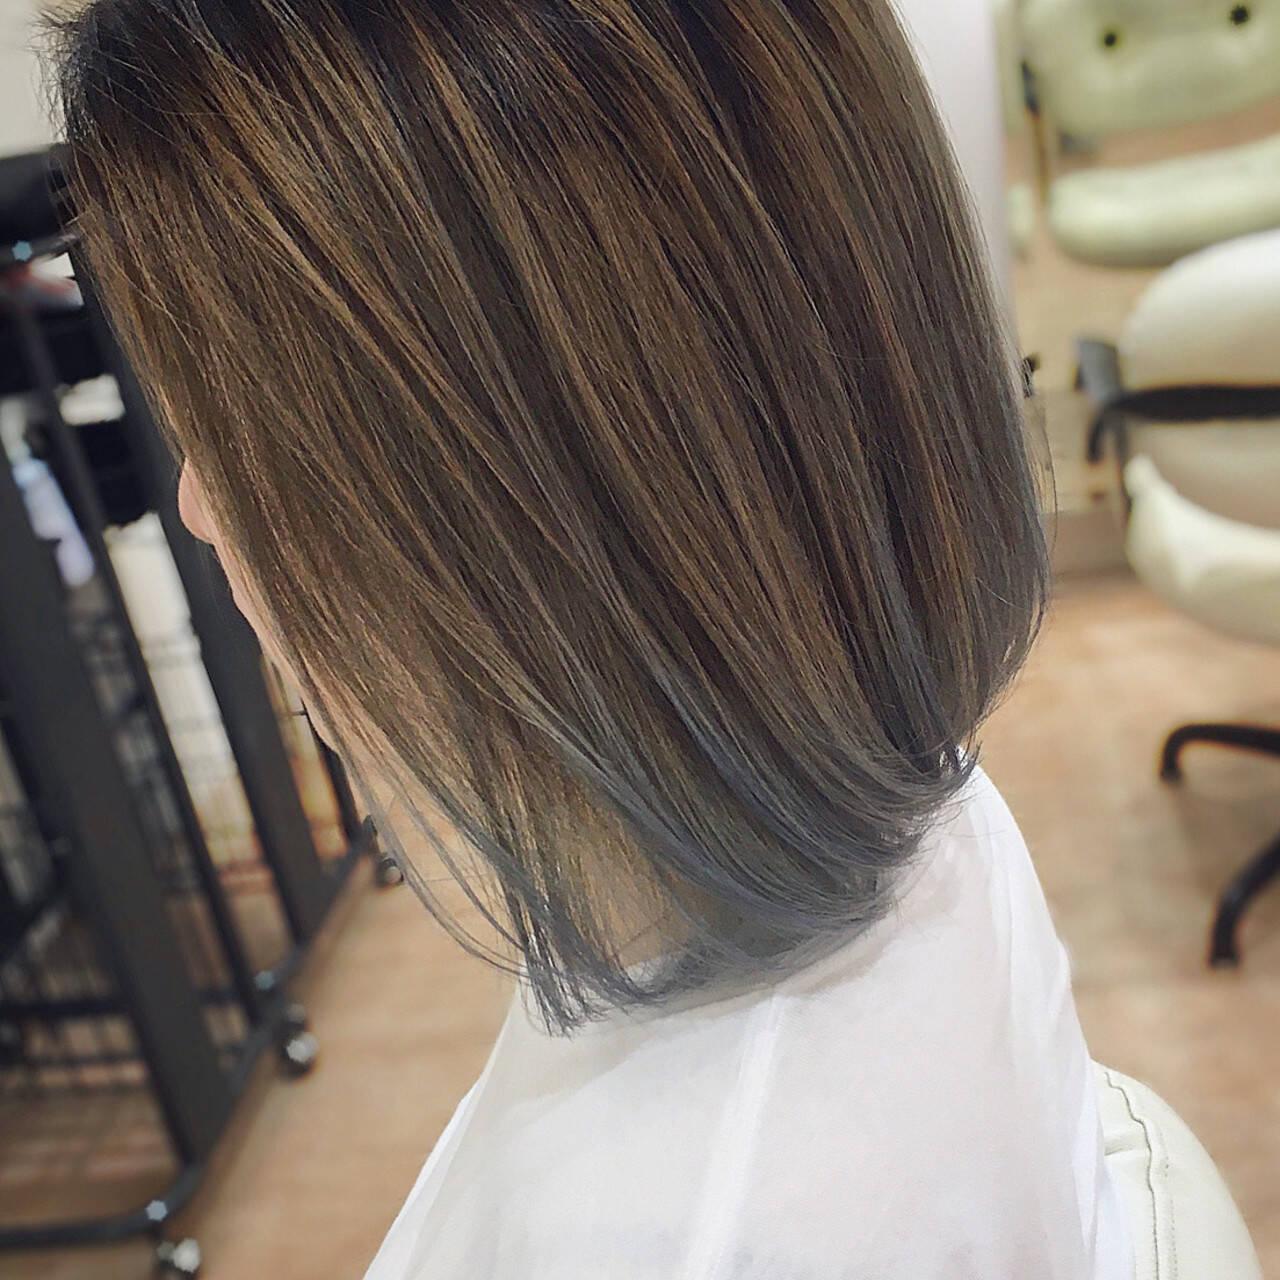 グラデーションカラー ブルー モード ブリーチカラーヘアスタイルや髪型の写真・画像